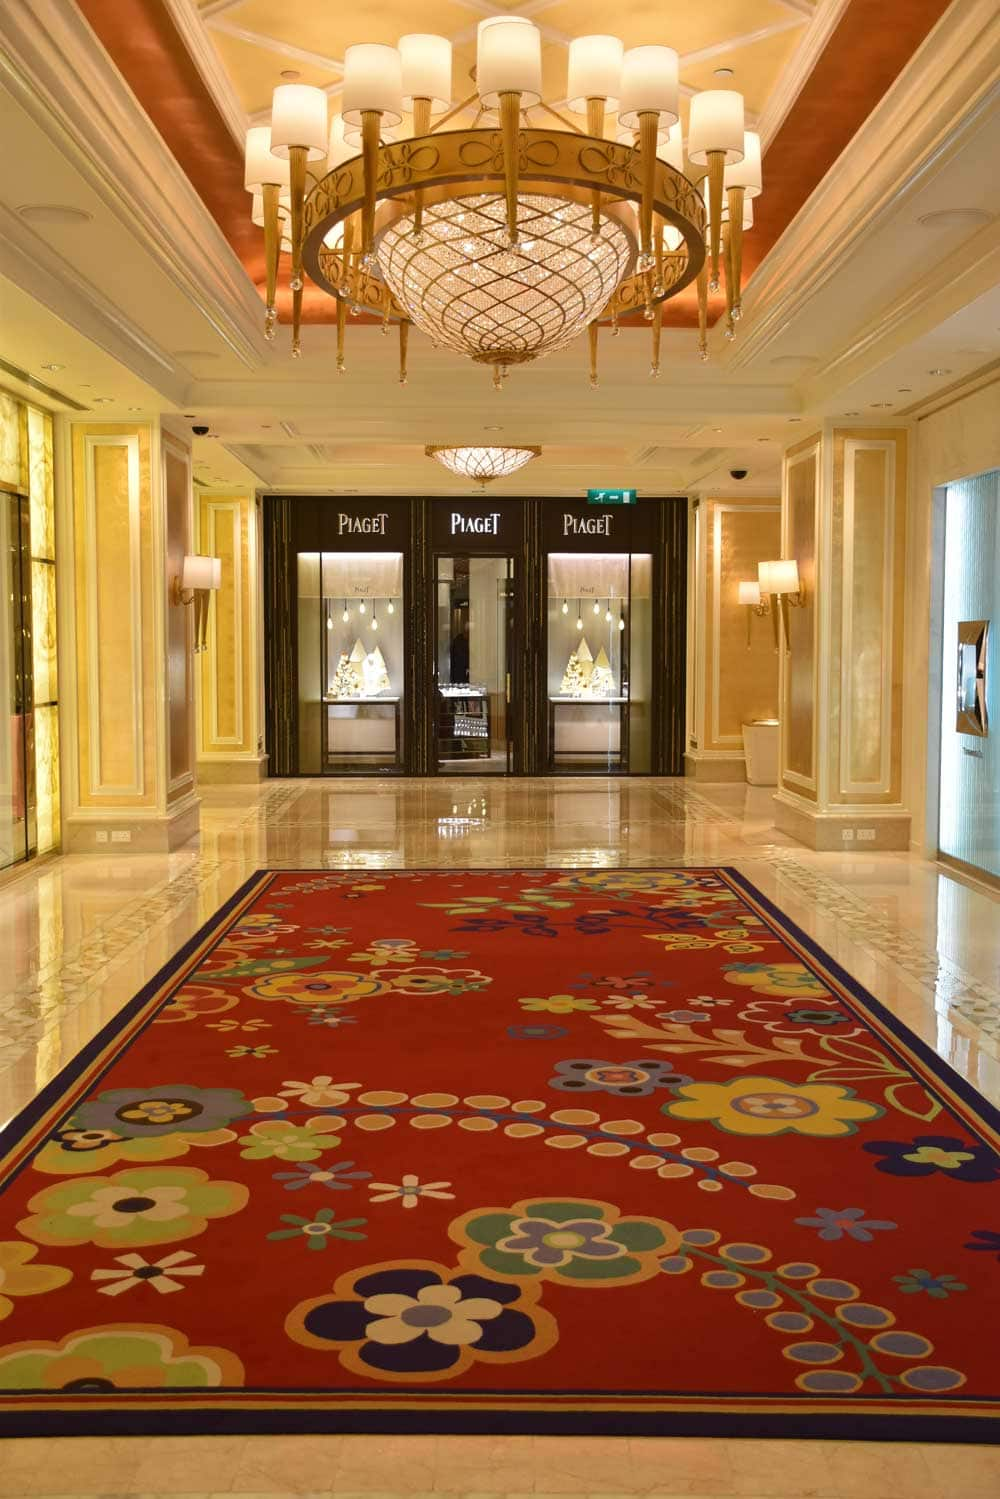 Wynn Macau Piaget shop